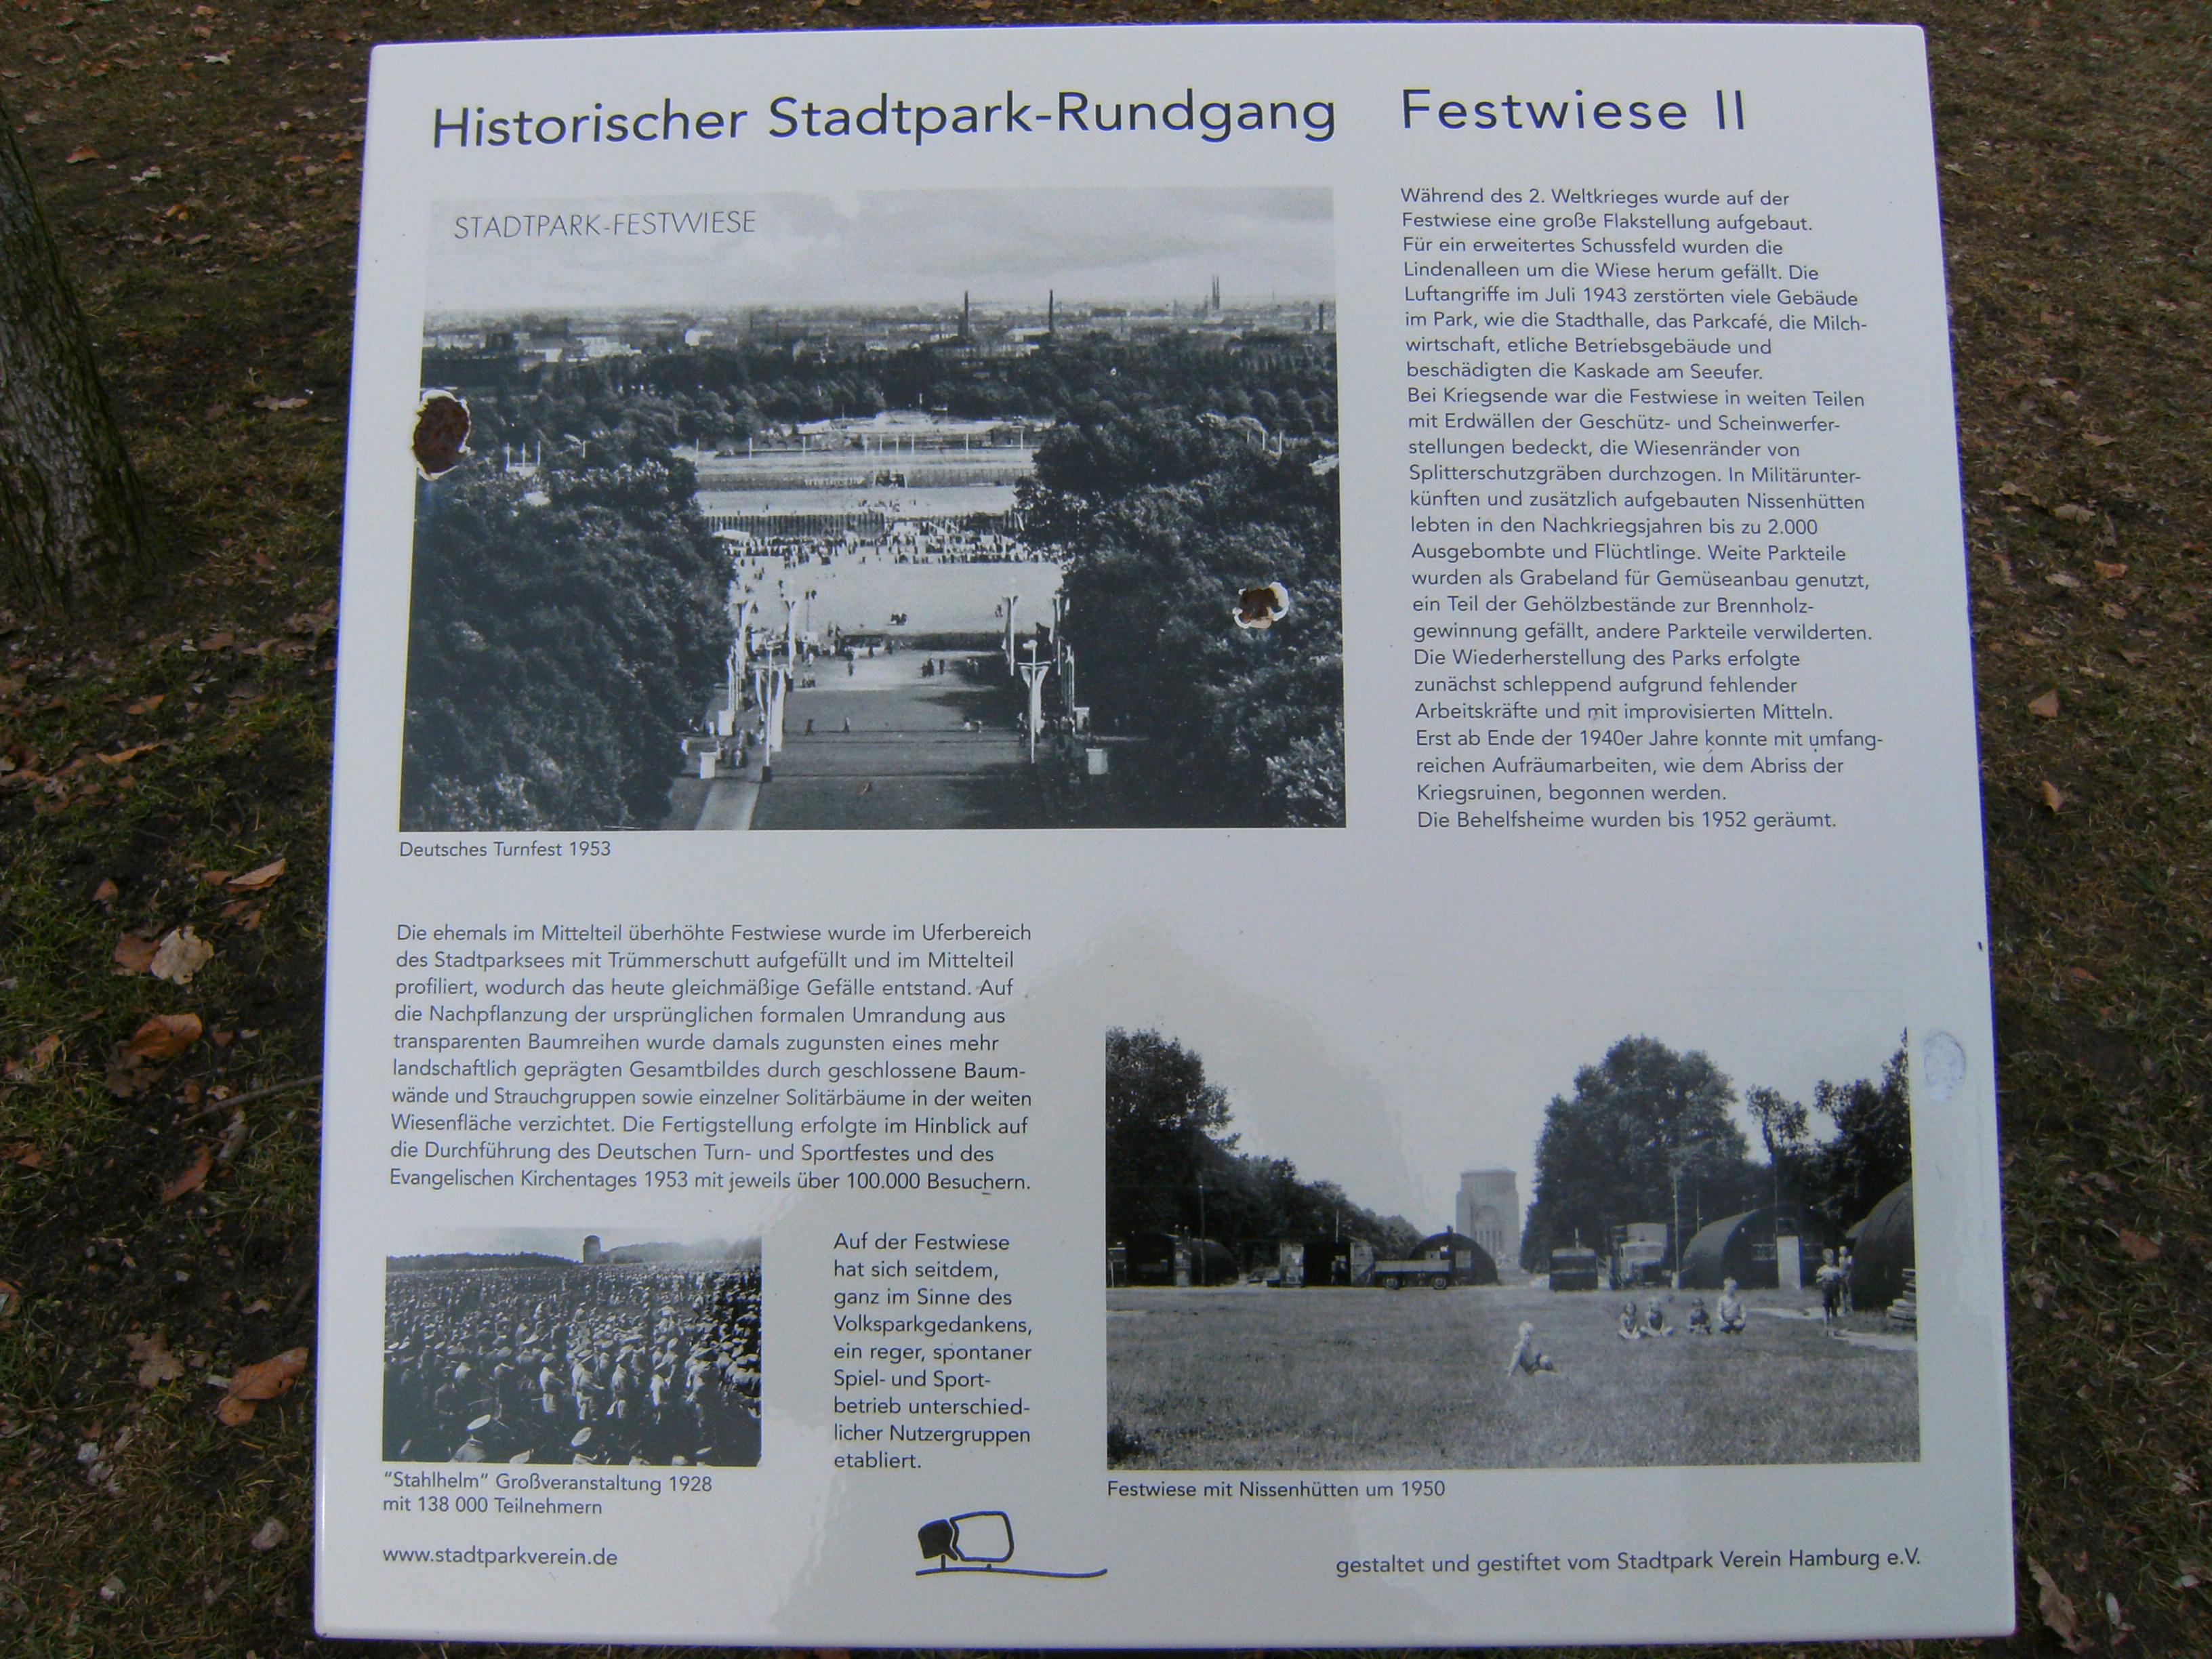 Description hamburg stadpark stadtparkwiese geschichte ii jpg